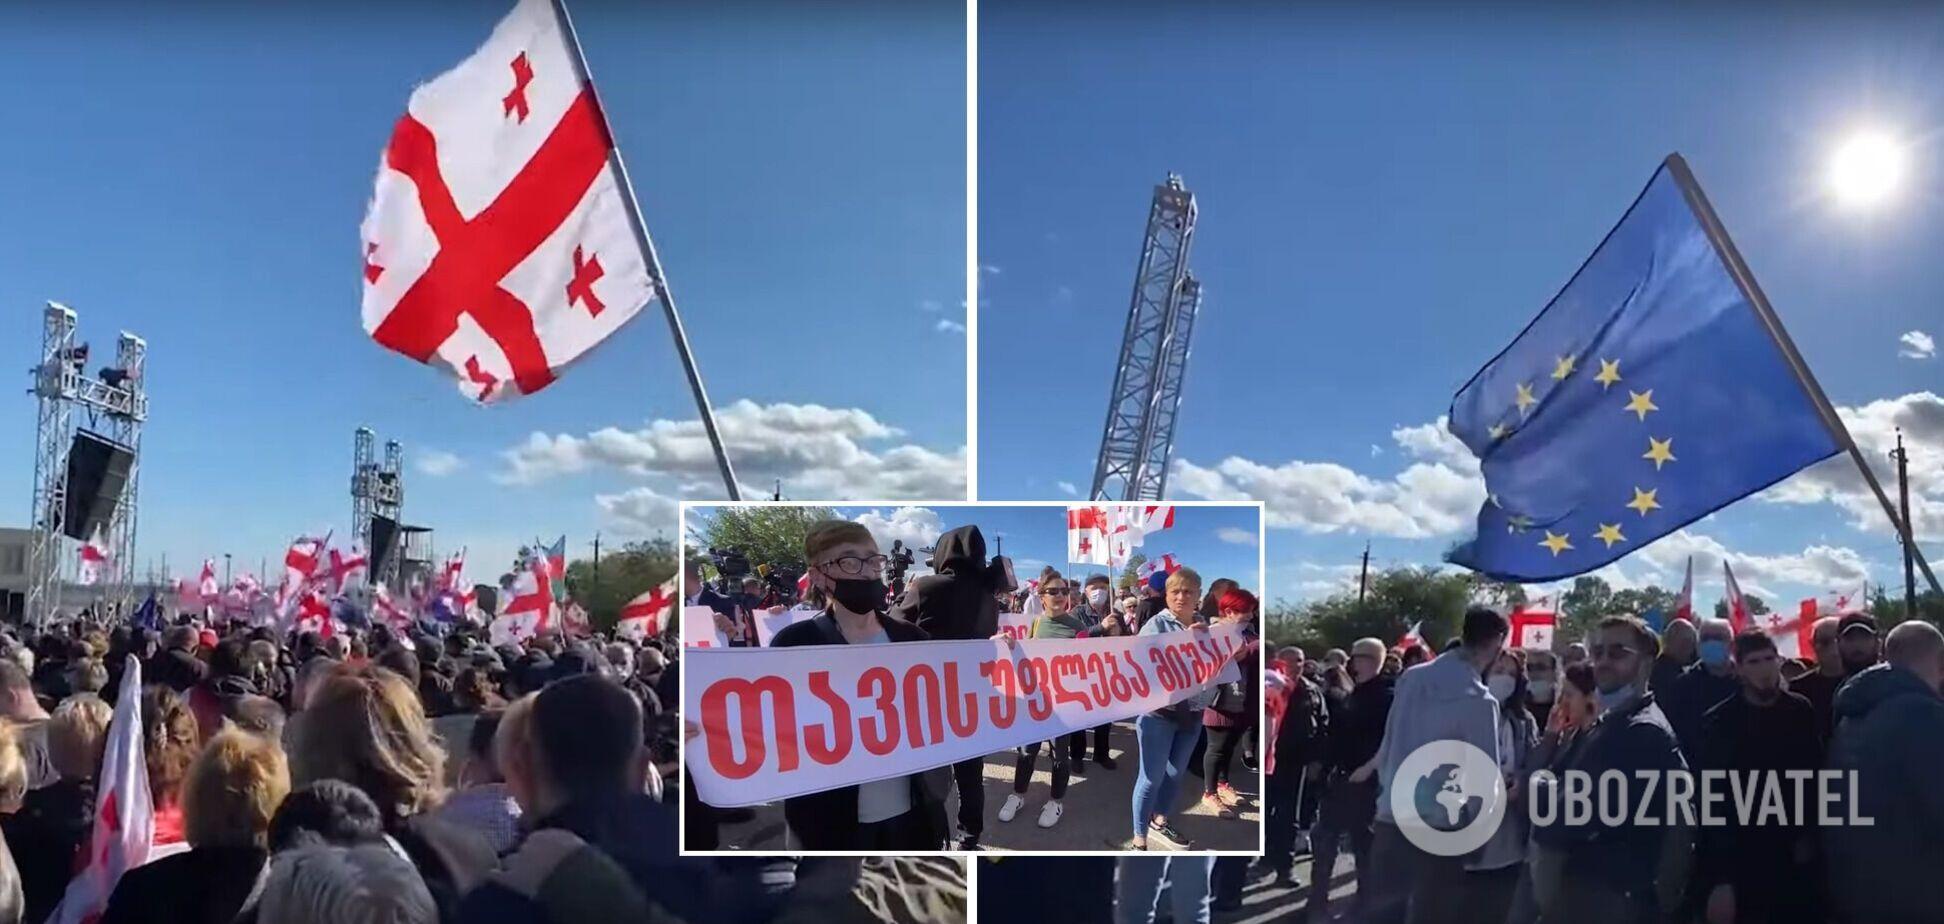 Сторонники Саакашвили окружили тюрьму, где он содержится. Видео и все подробности